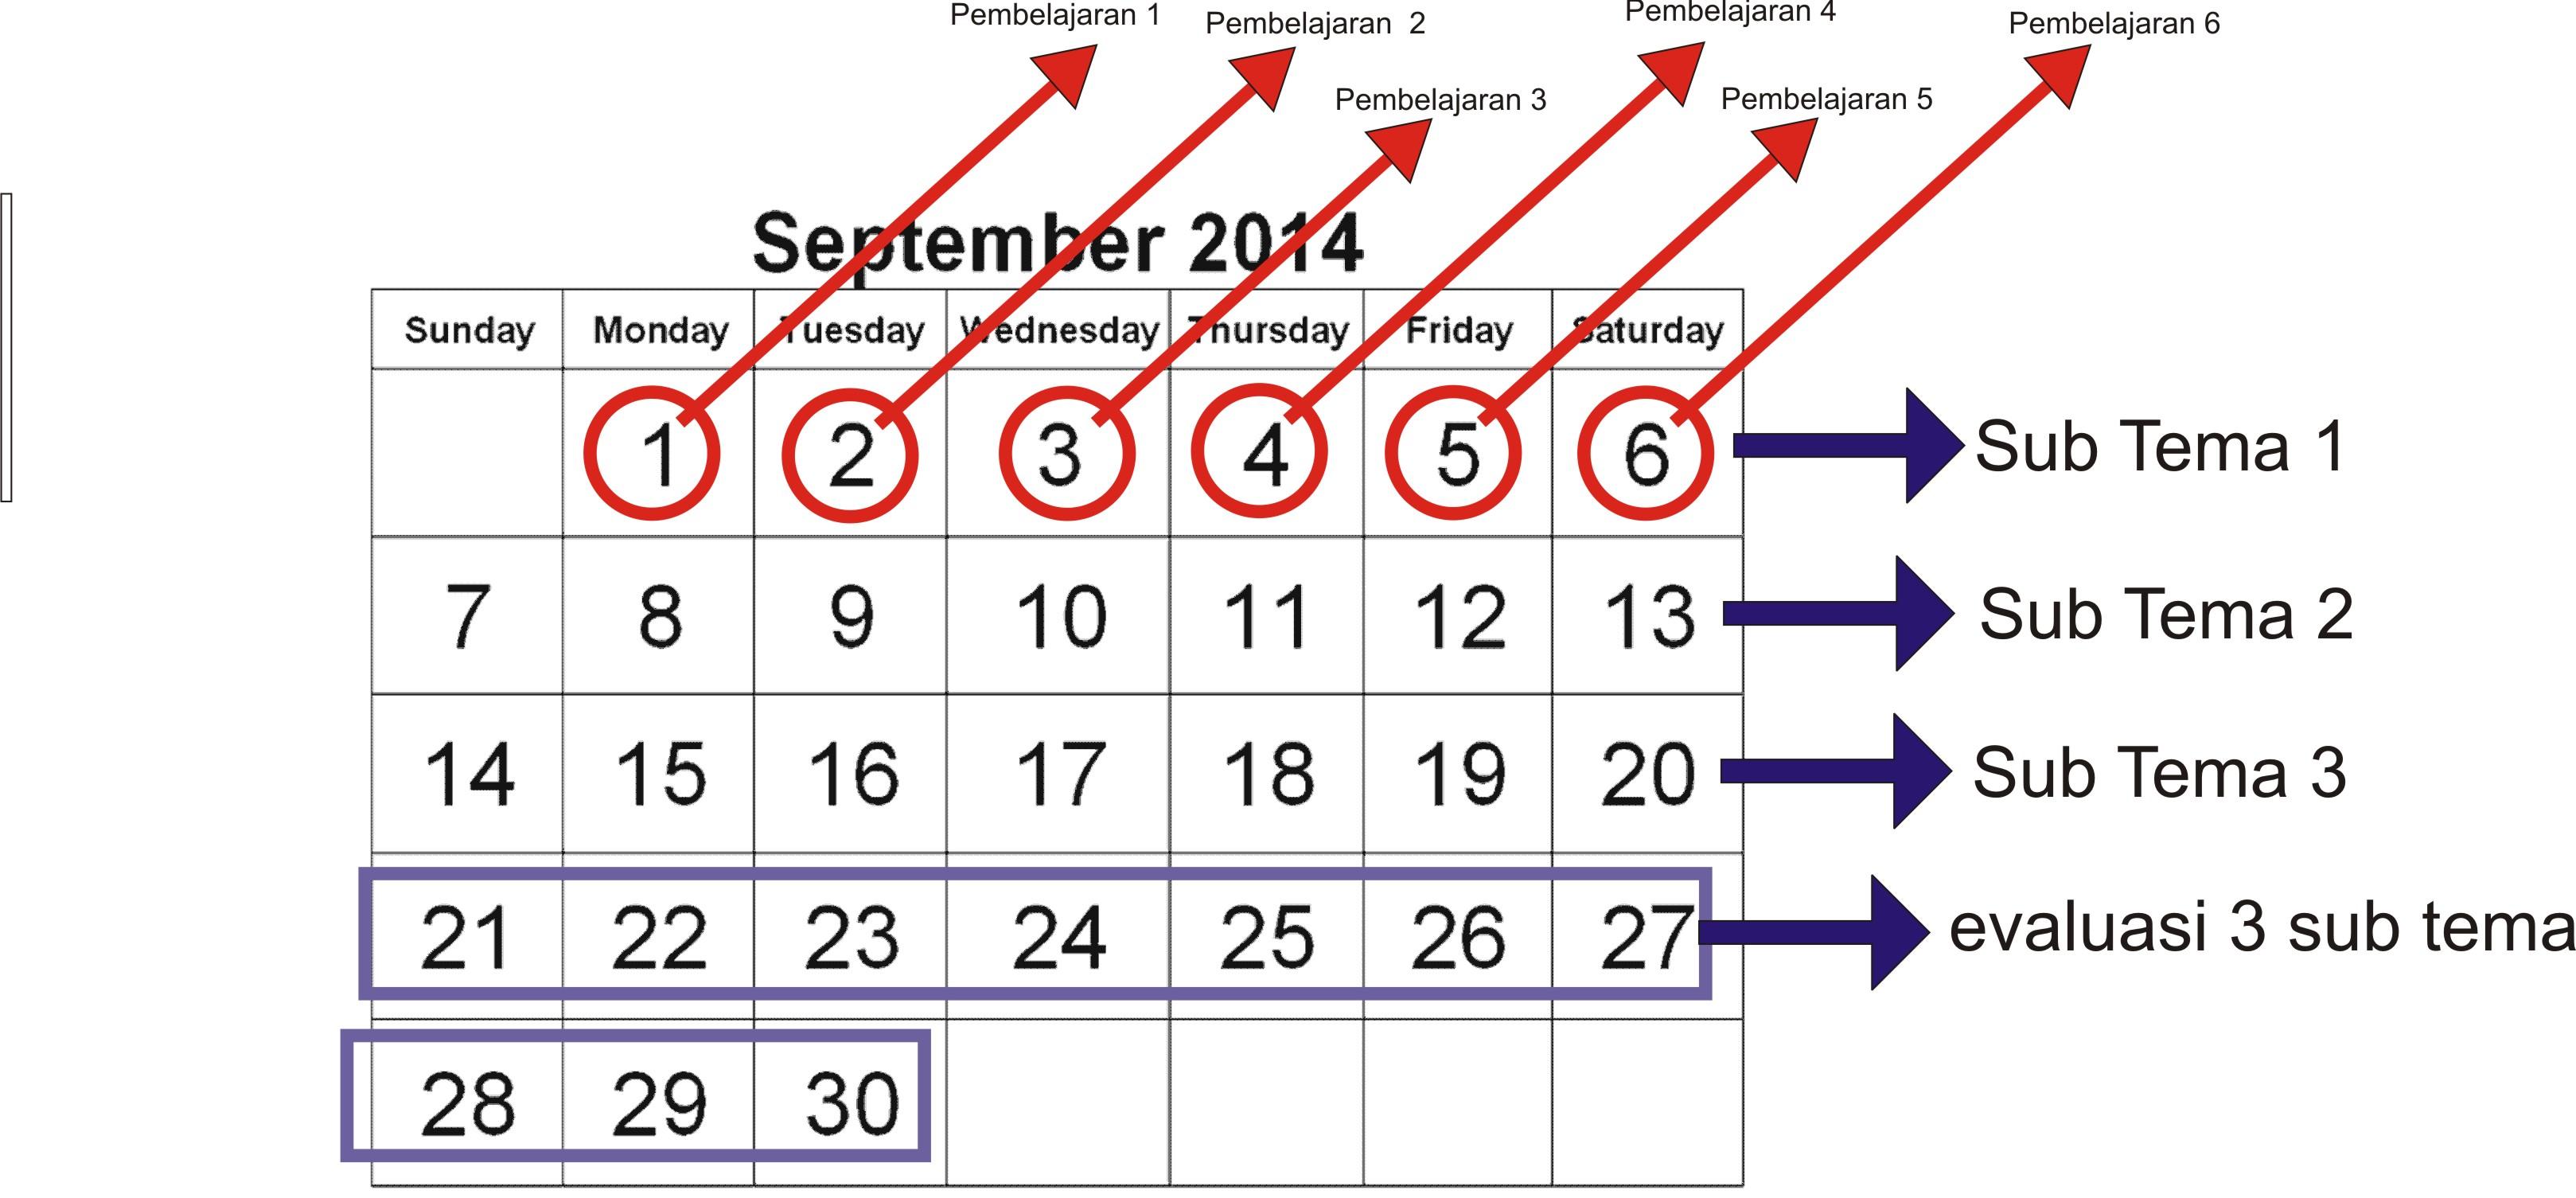 Atau dengan cara lain yaitu memfokuskan pelajaran dasar yang tetap muncul seperti Bahasa Indonesia Matematika IPA IPS SBdP tanpa harus menghilangkan